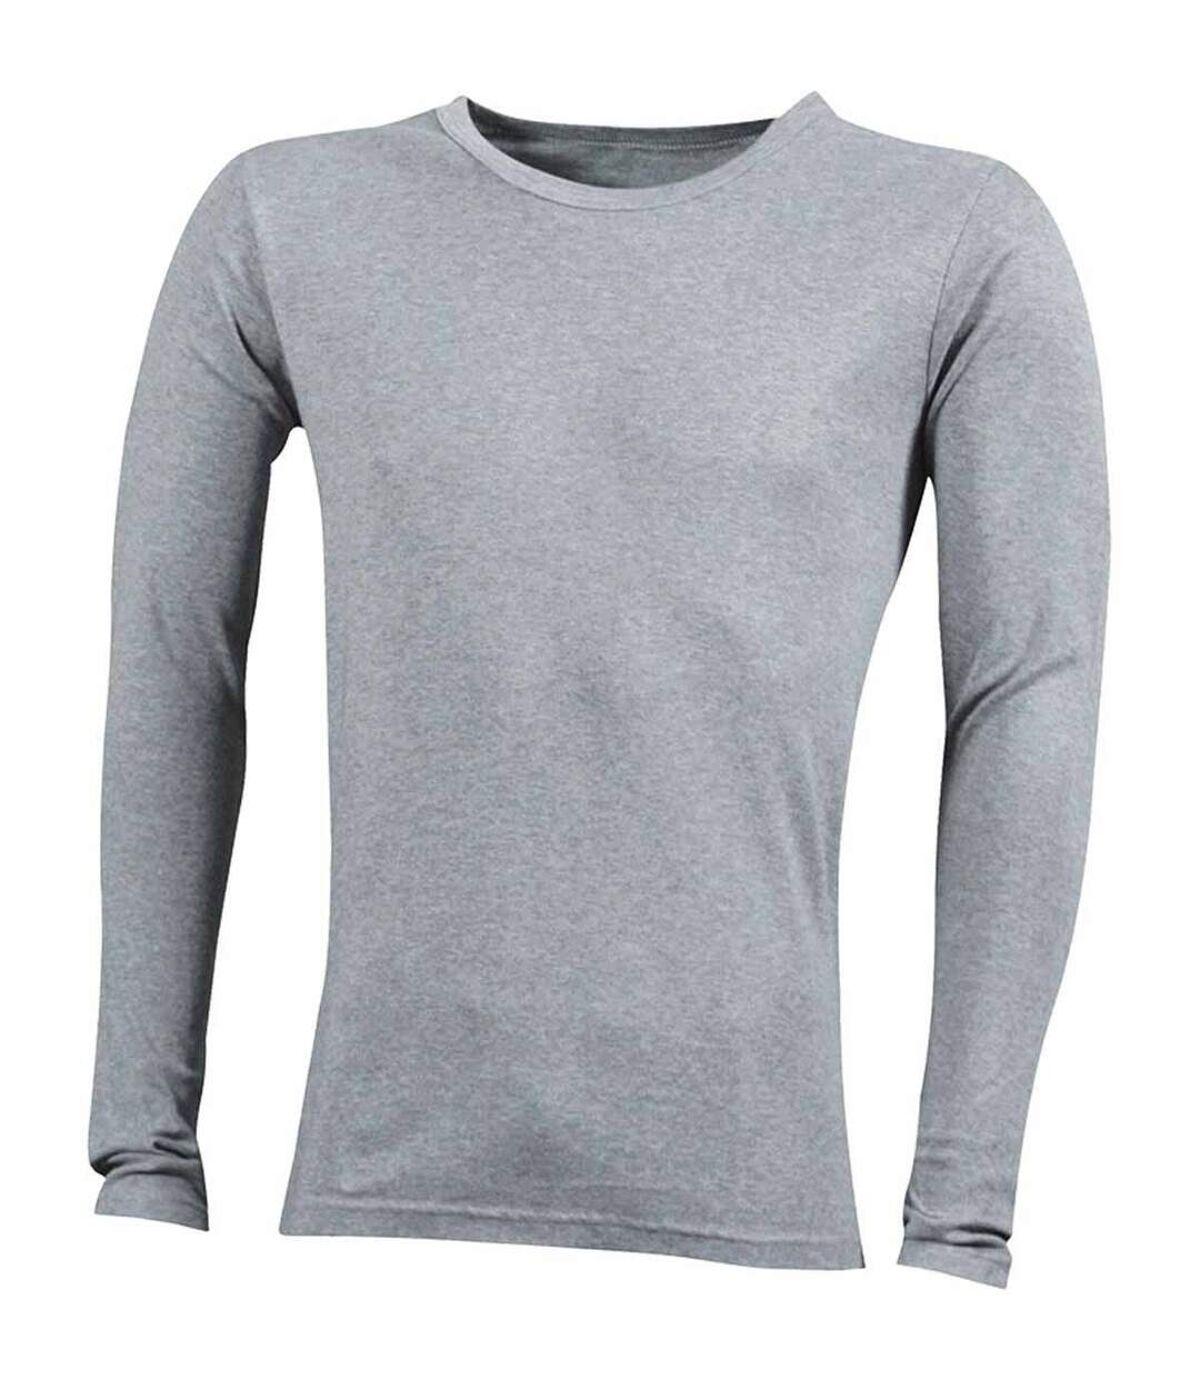 T-shirt homme manches longues - JN916 - gris chiné - coton extensible